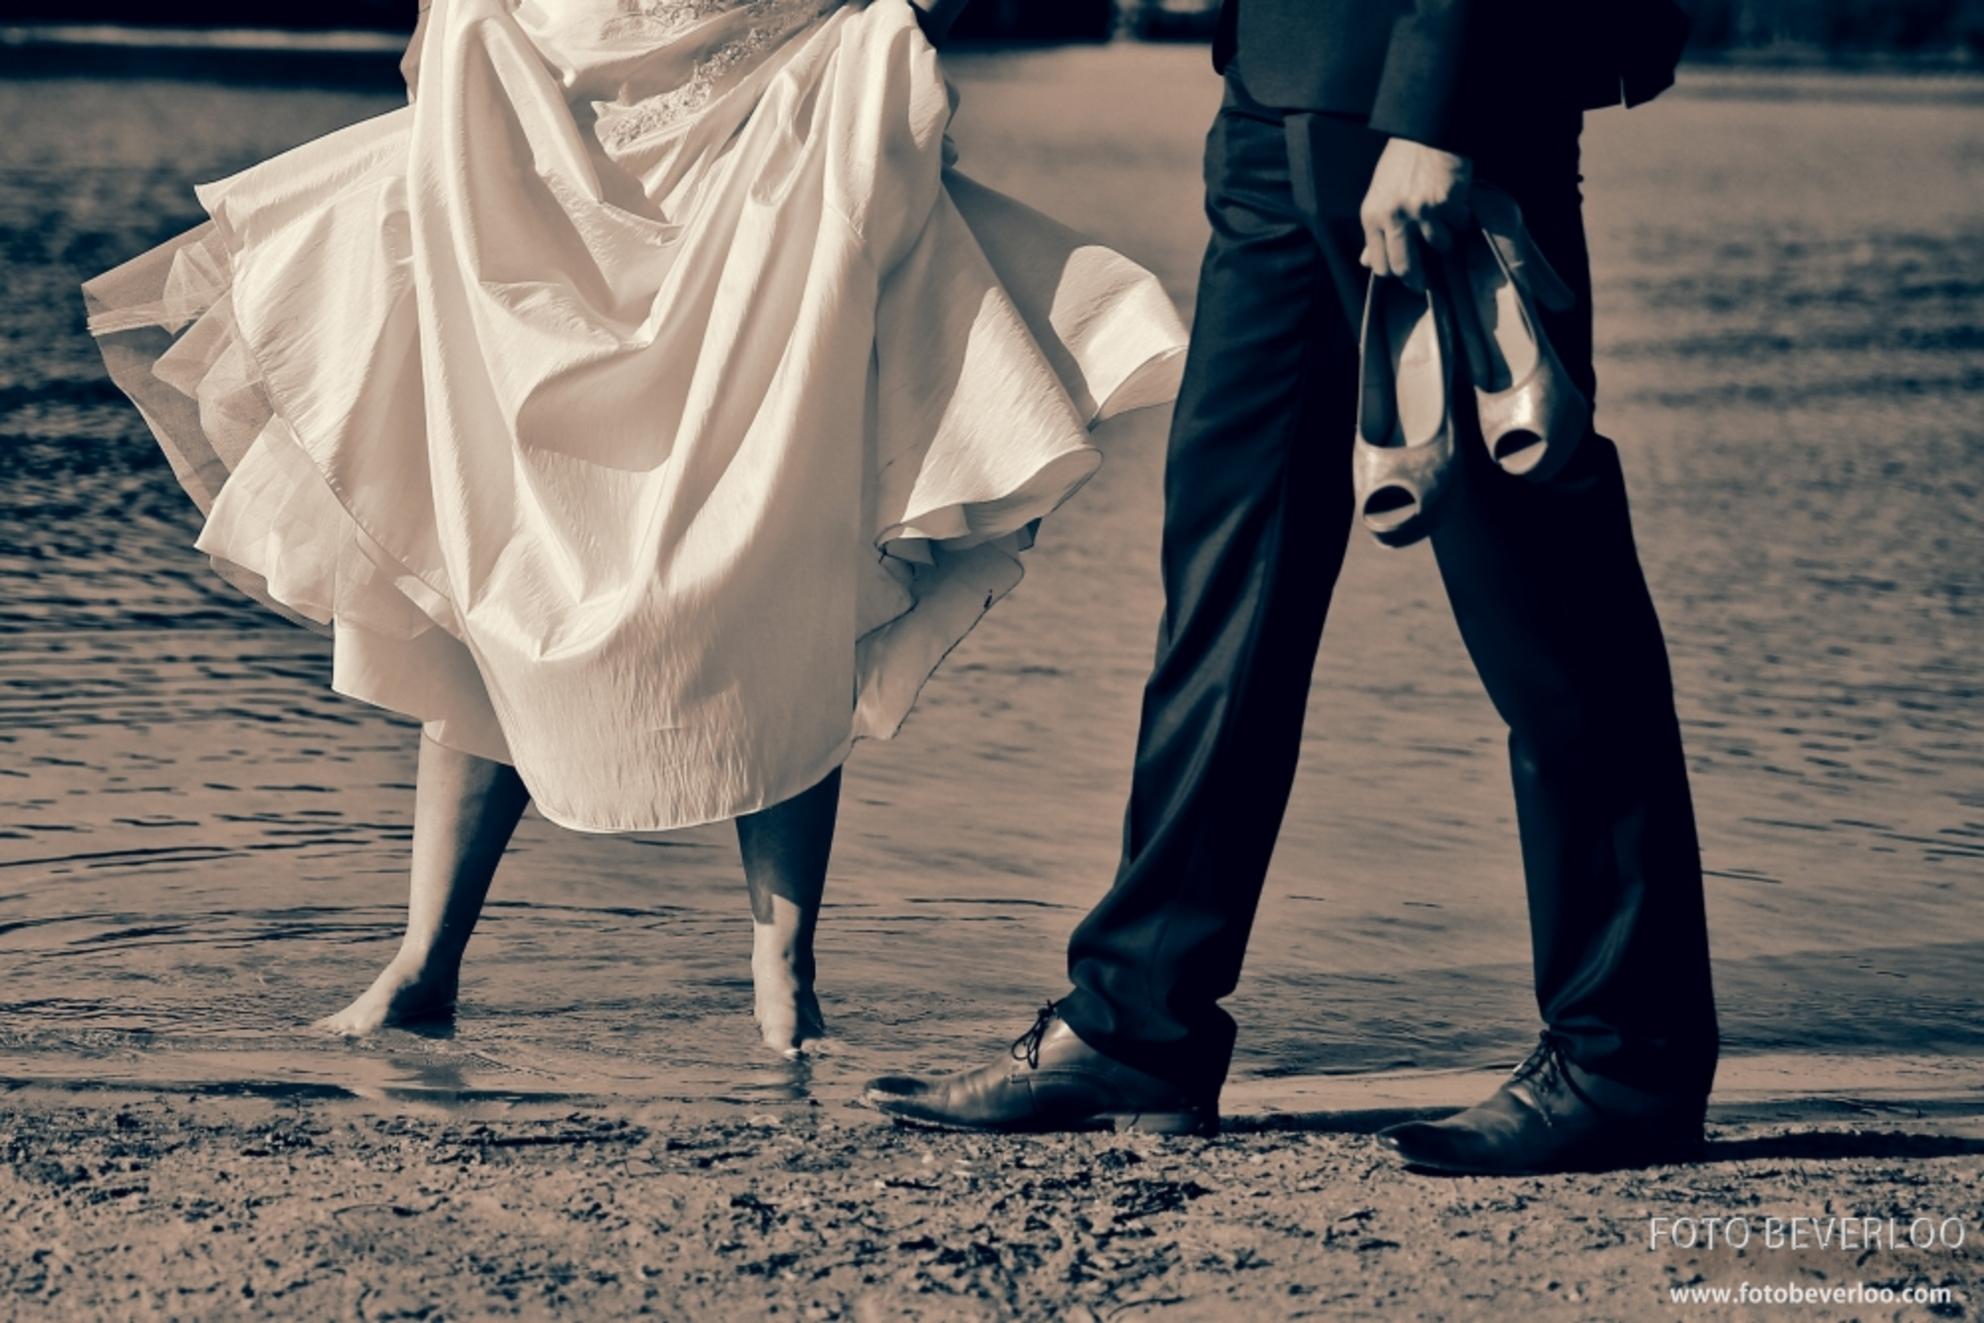 barefoot - Na een hele dag lopen op hoge hakken was dit bruidje erg blij toen ik voorzichtig vroeg of ze in het water wilde stappen - foto door FotoBeverloo op 10-11-2013 - deze foto bevat: water, voeten, schoenen, huwelijk, blote voeten, trouwfotos, Foto Beverloo - Deze foto mag gebruikt worden in een Zoom.nl publicatie